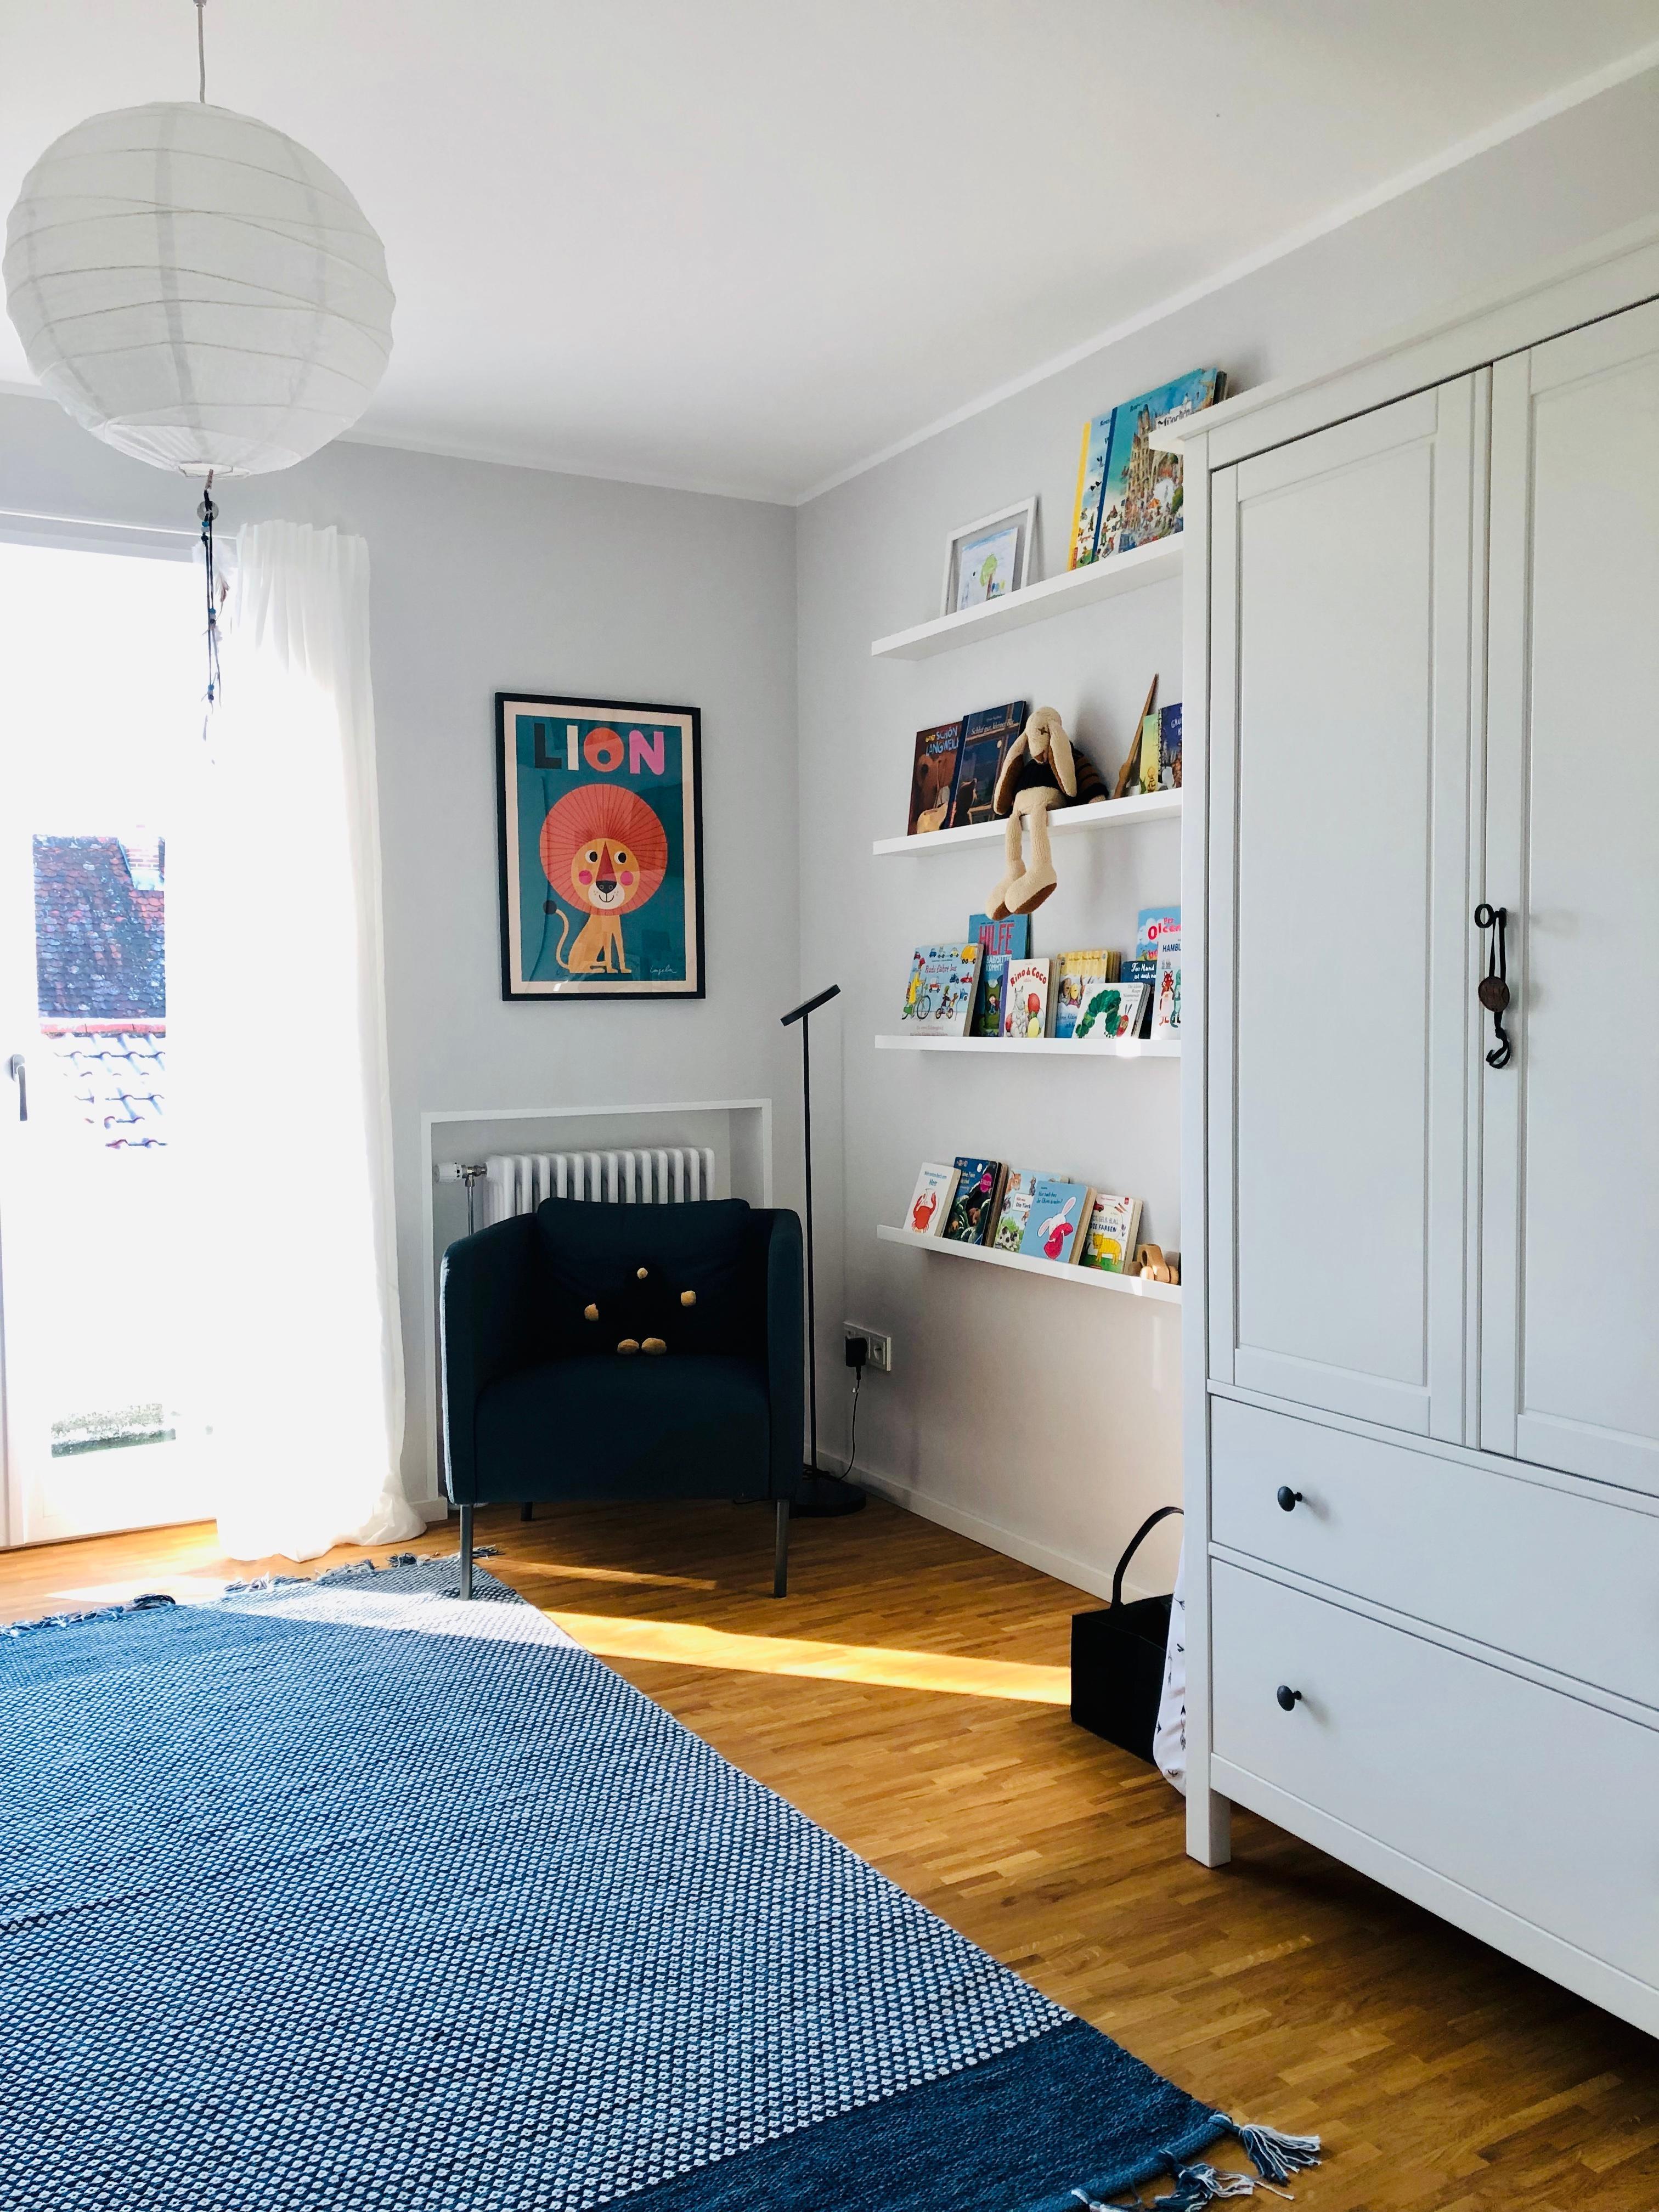 Lieblich #boysroom #kinderzimmer #babyzimmer #interiorlove #couchliebt #ikea #scandi  #kidsroom